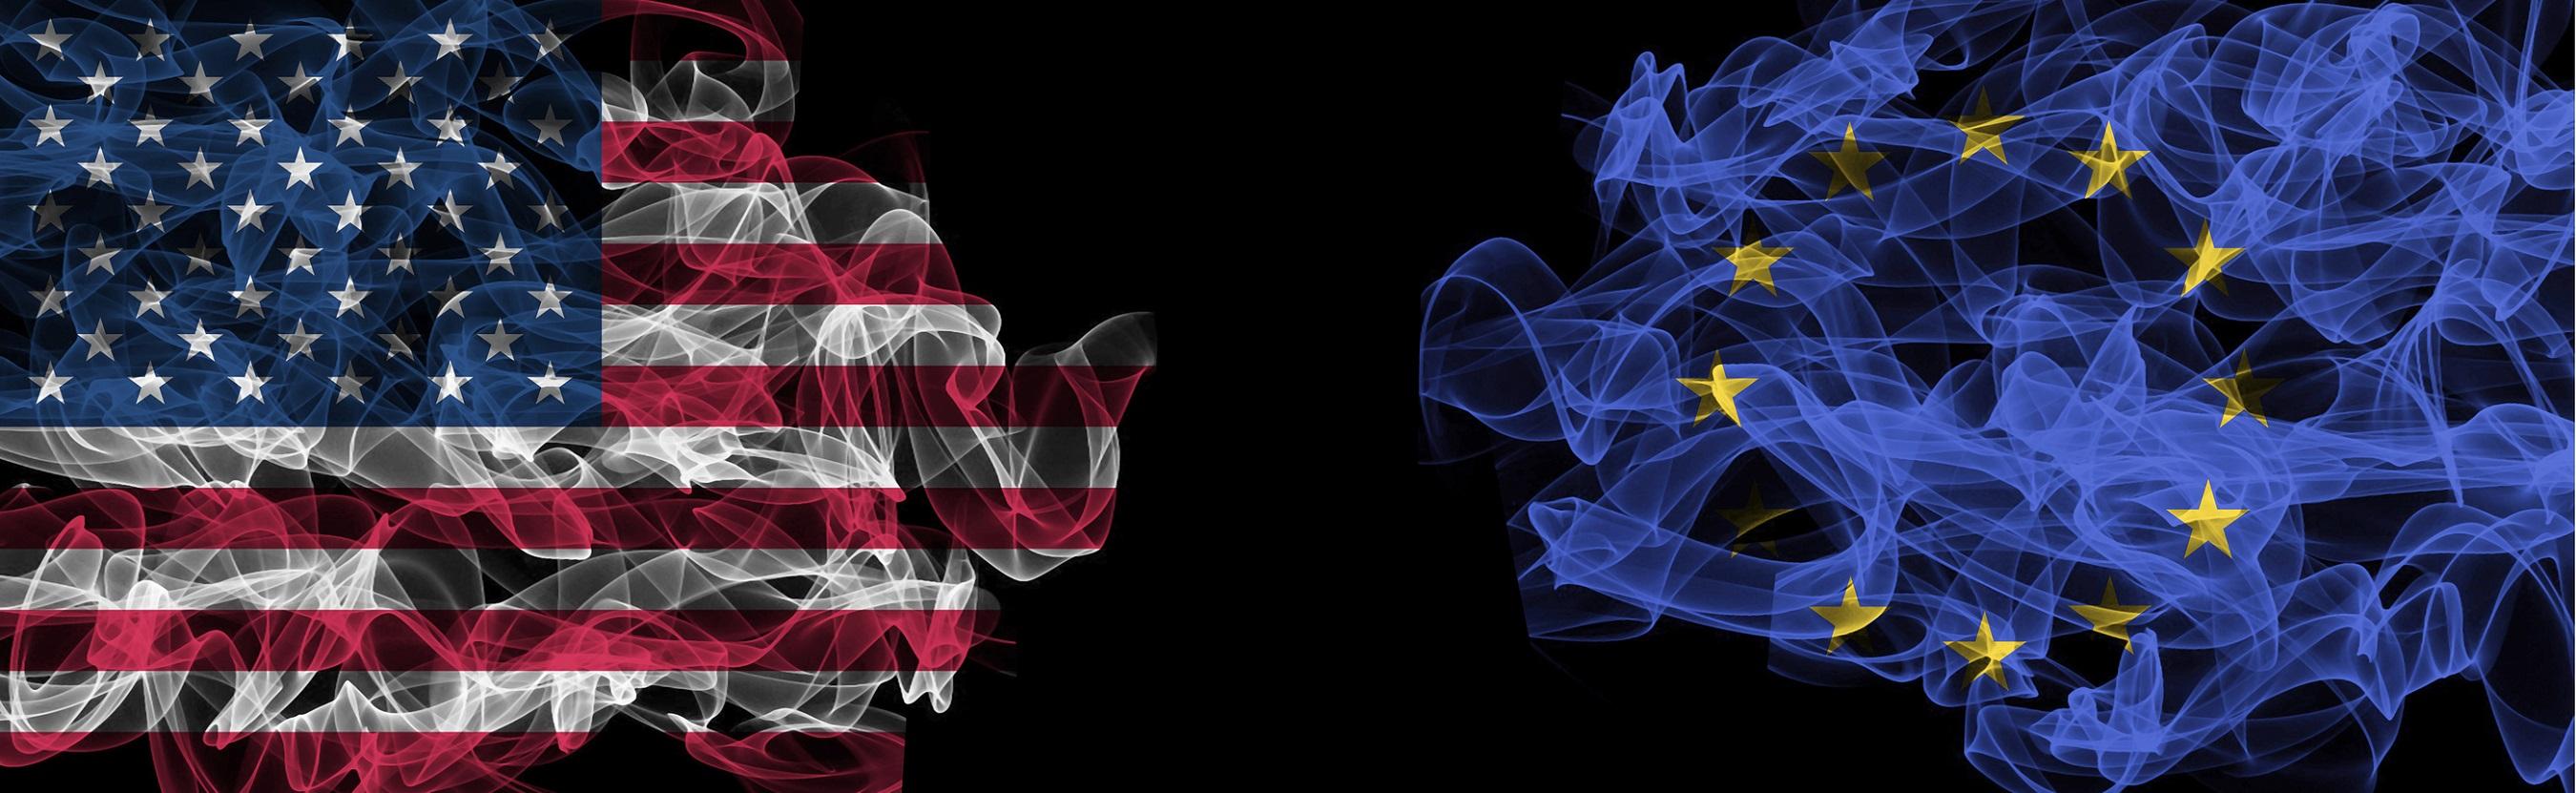 Metafórica ilustración de banderas de humo, como la protección que nos venden ambos gobiernos.